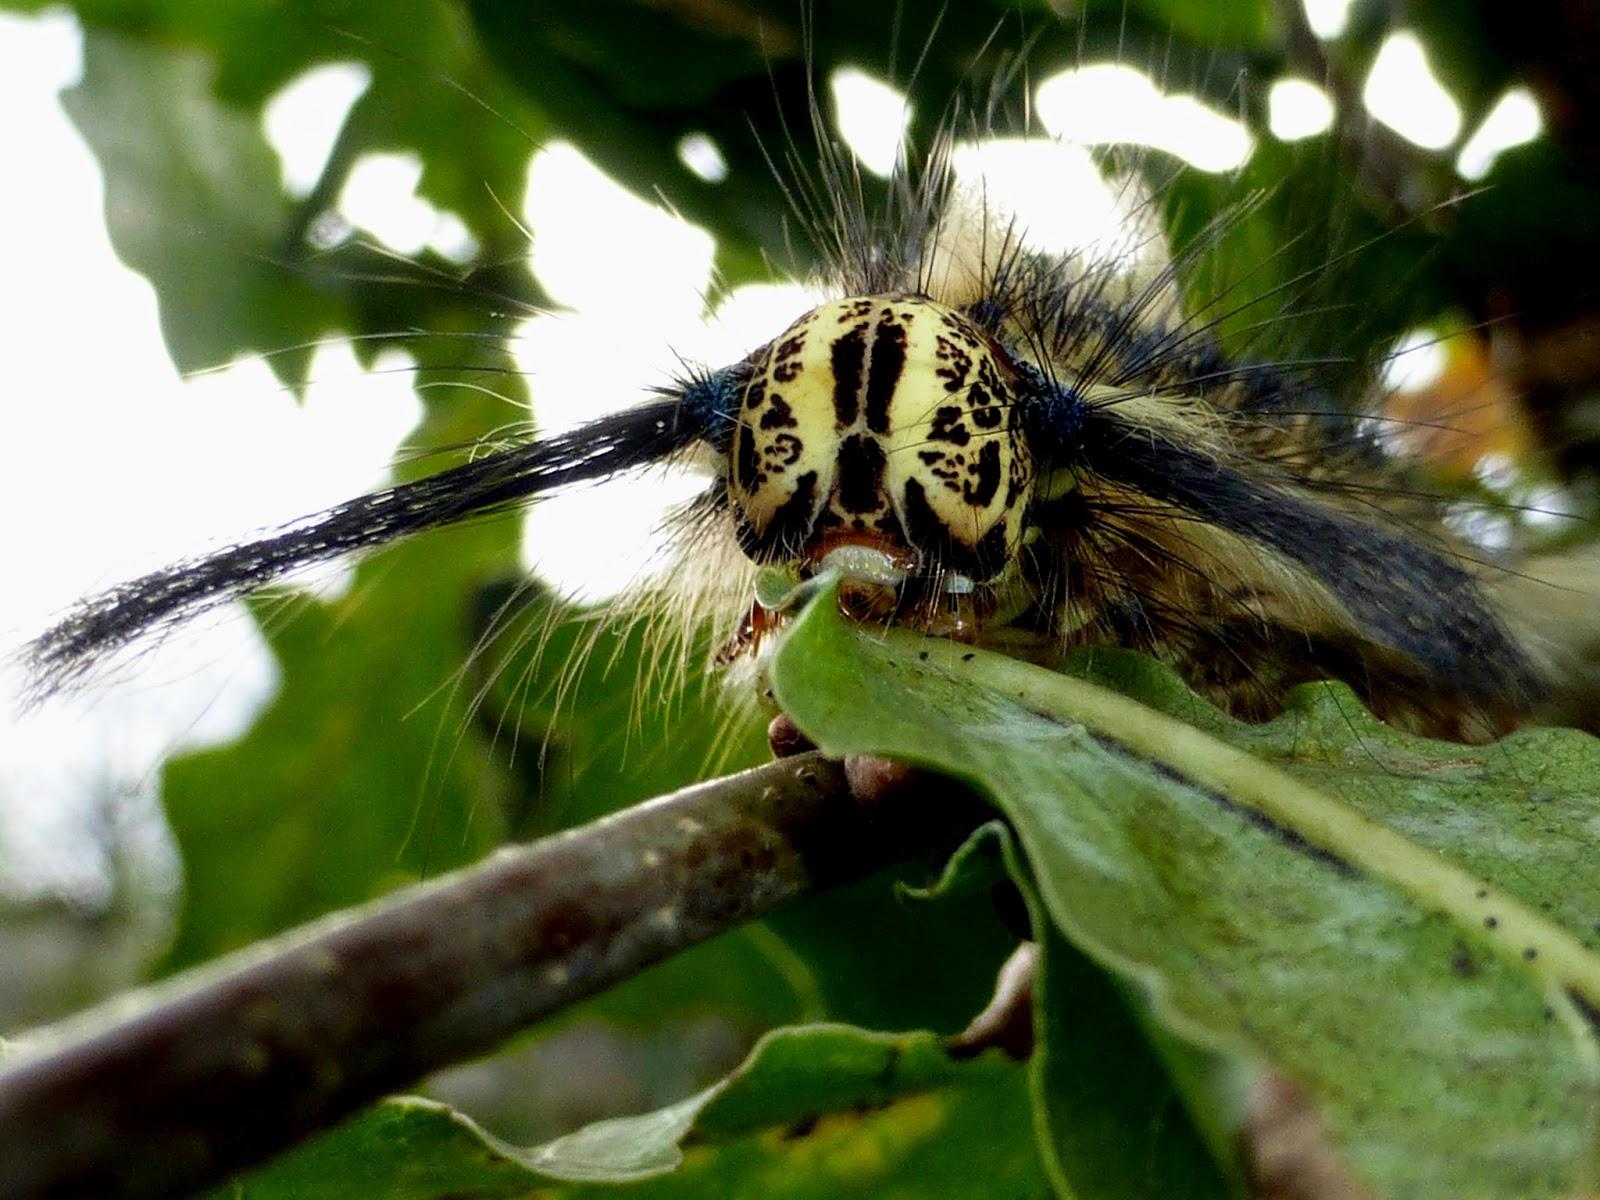 Trabala vishnou guttata caterpillar